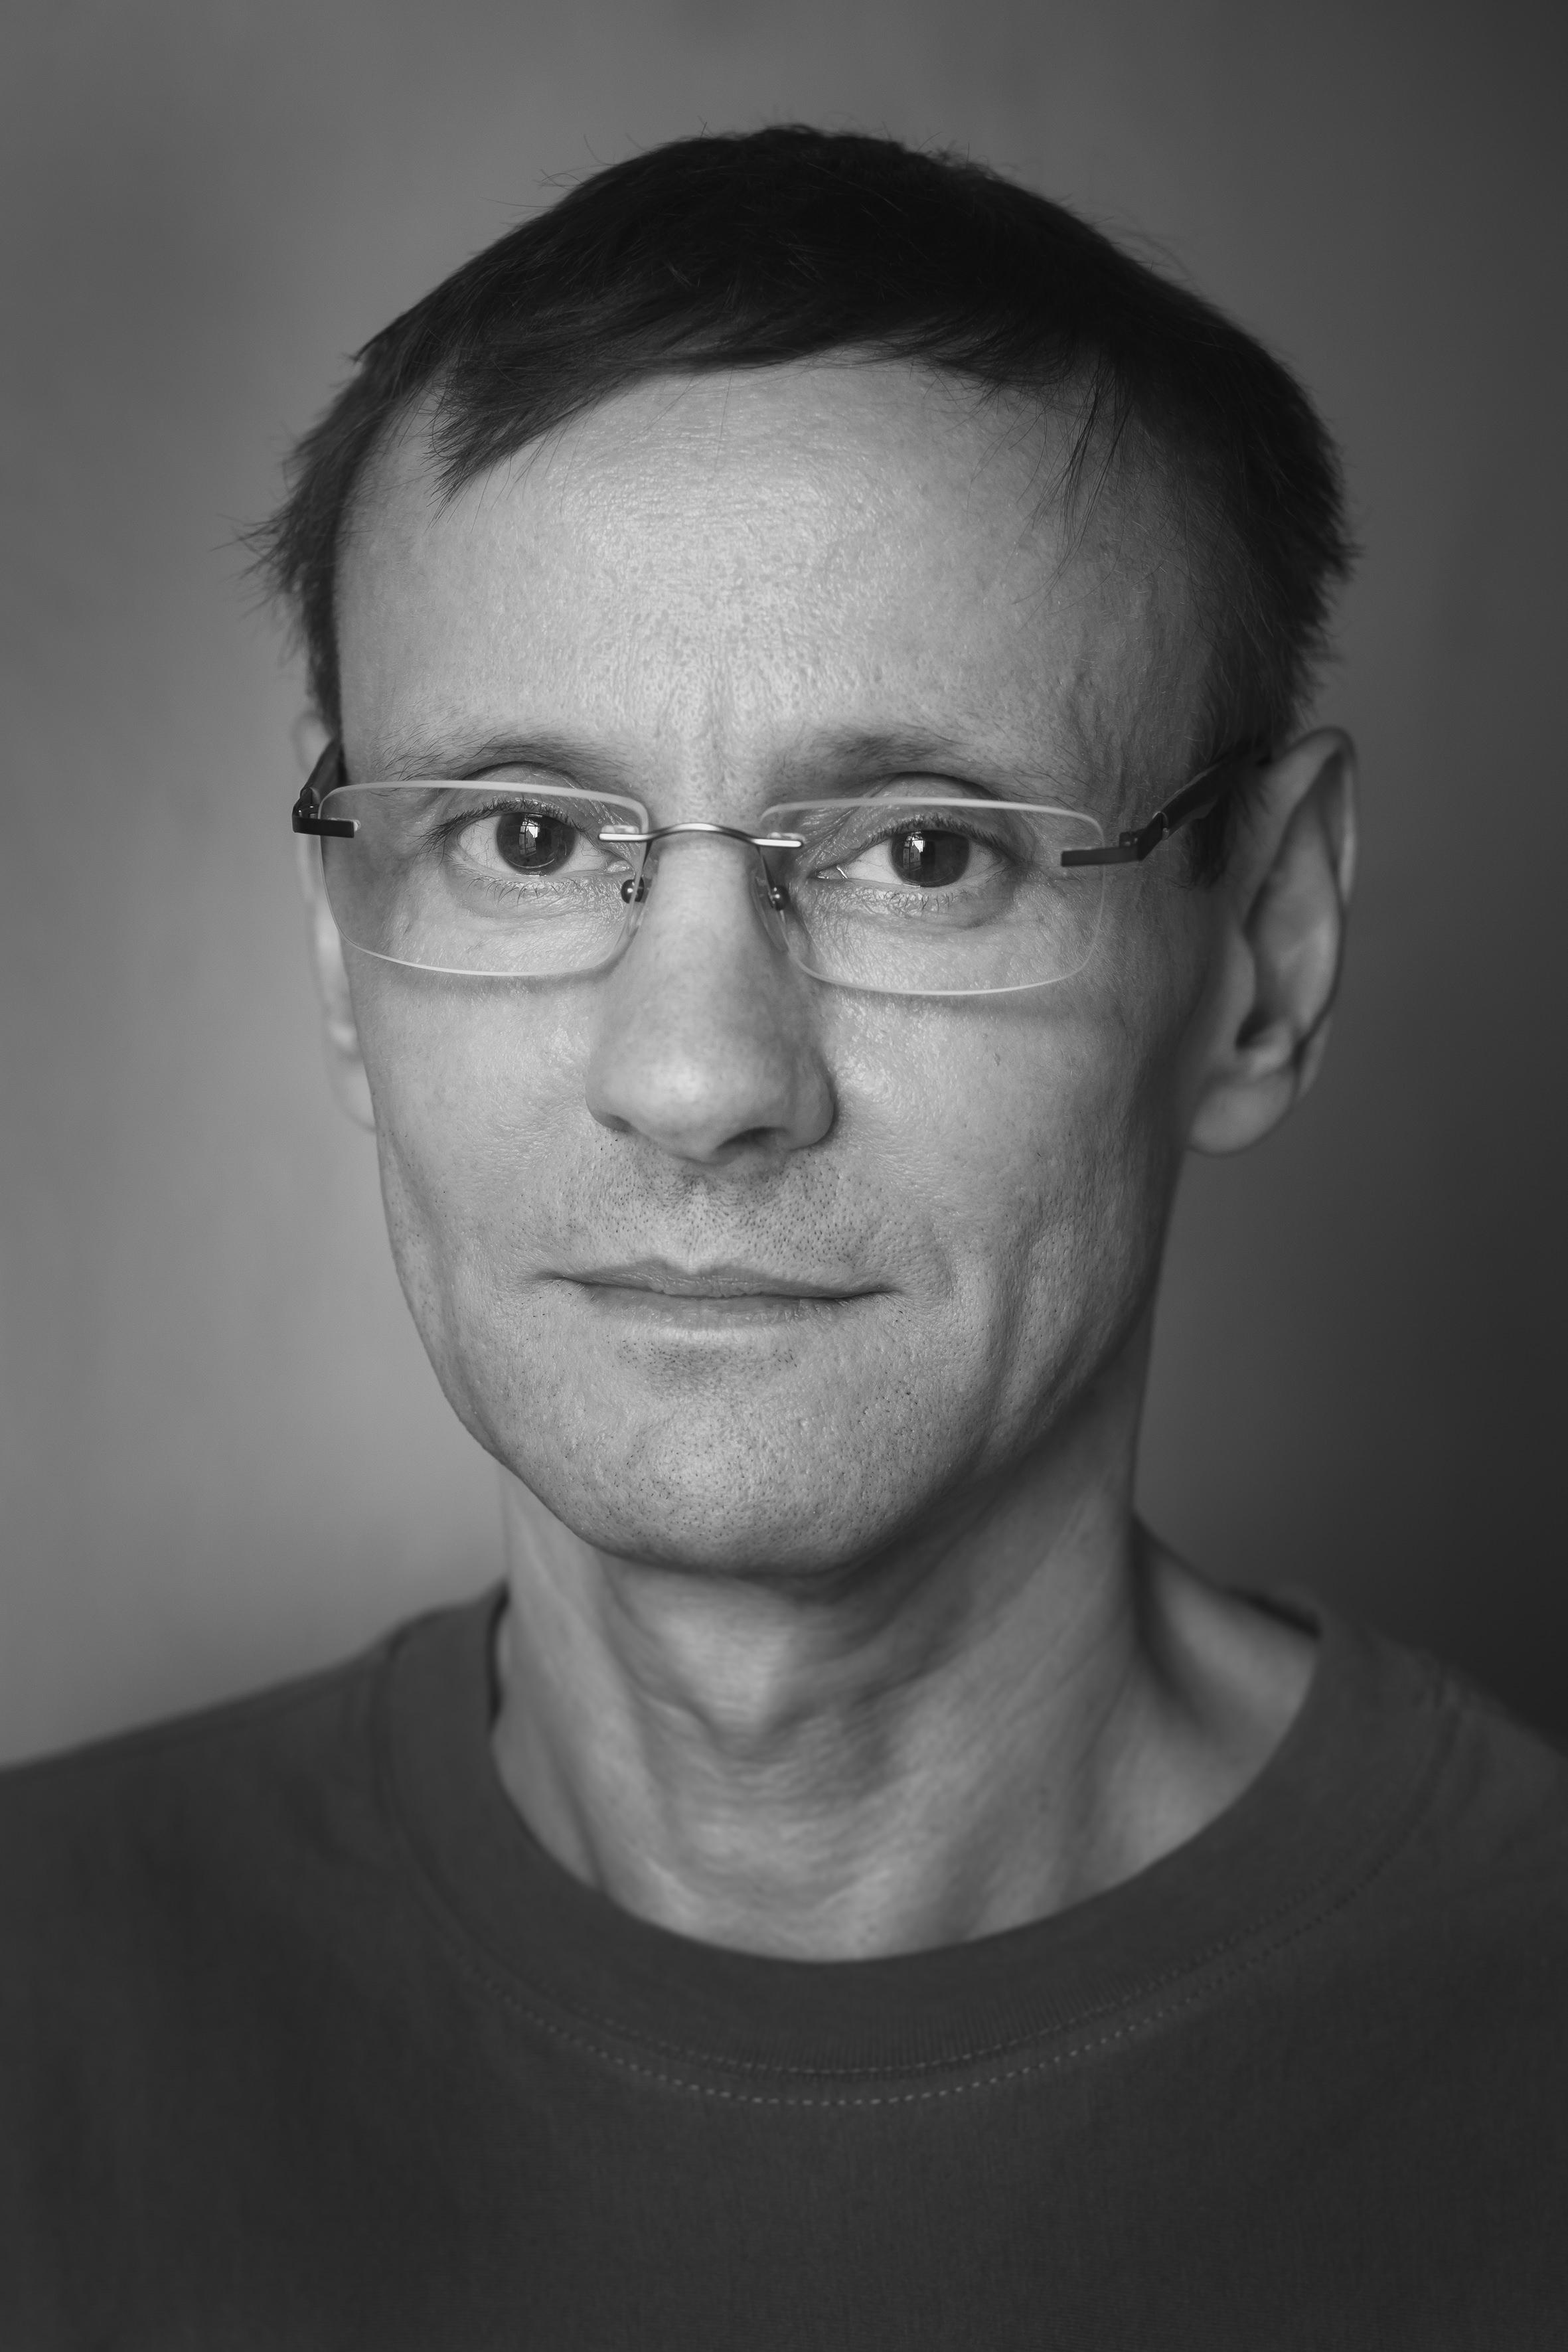 Frank Ewald